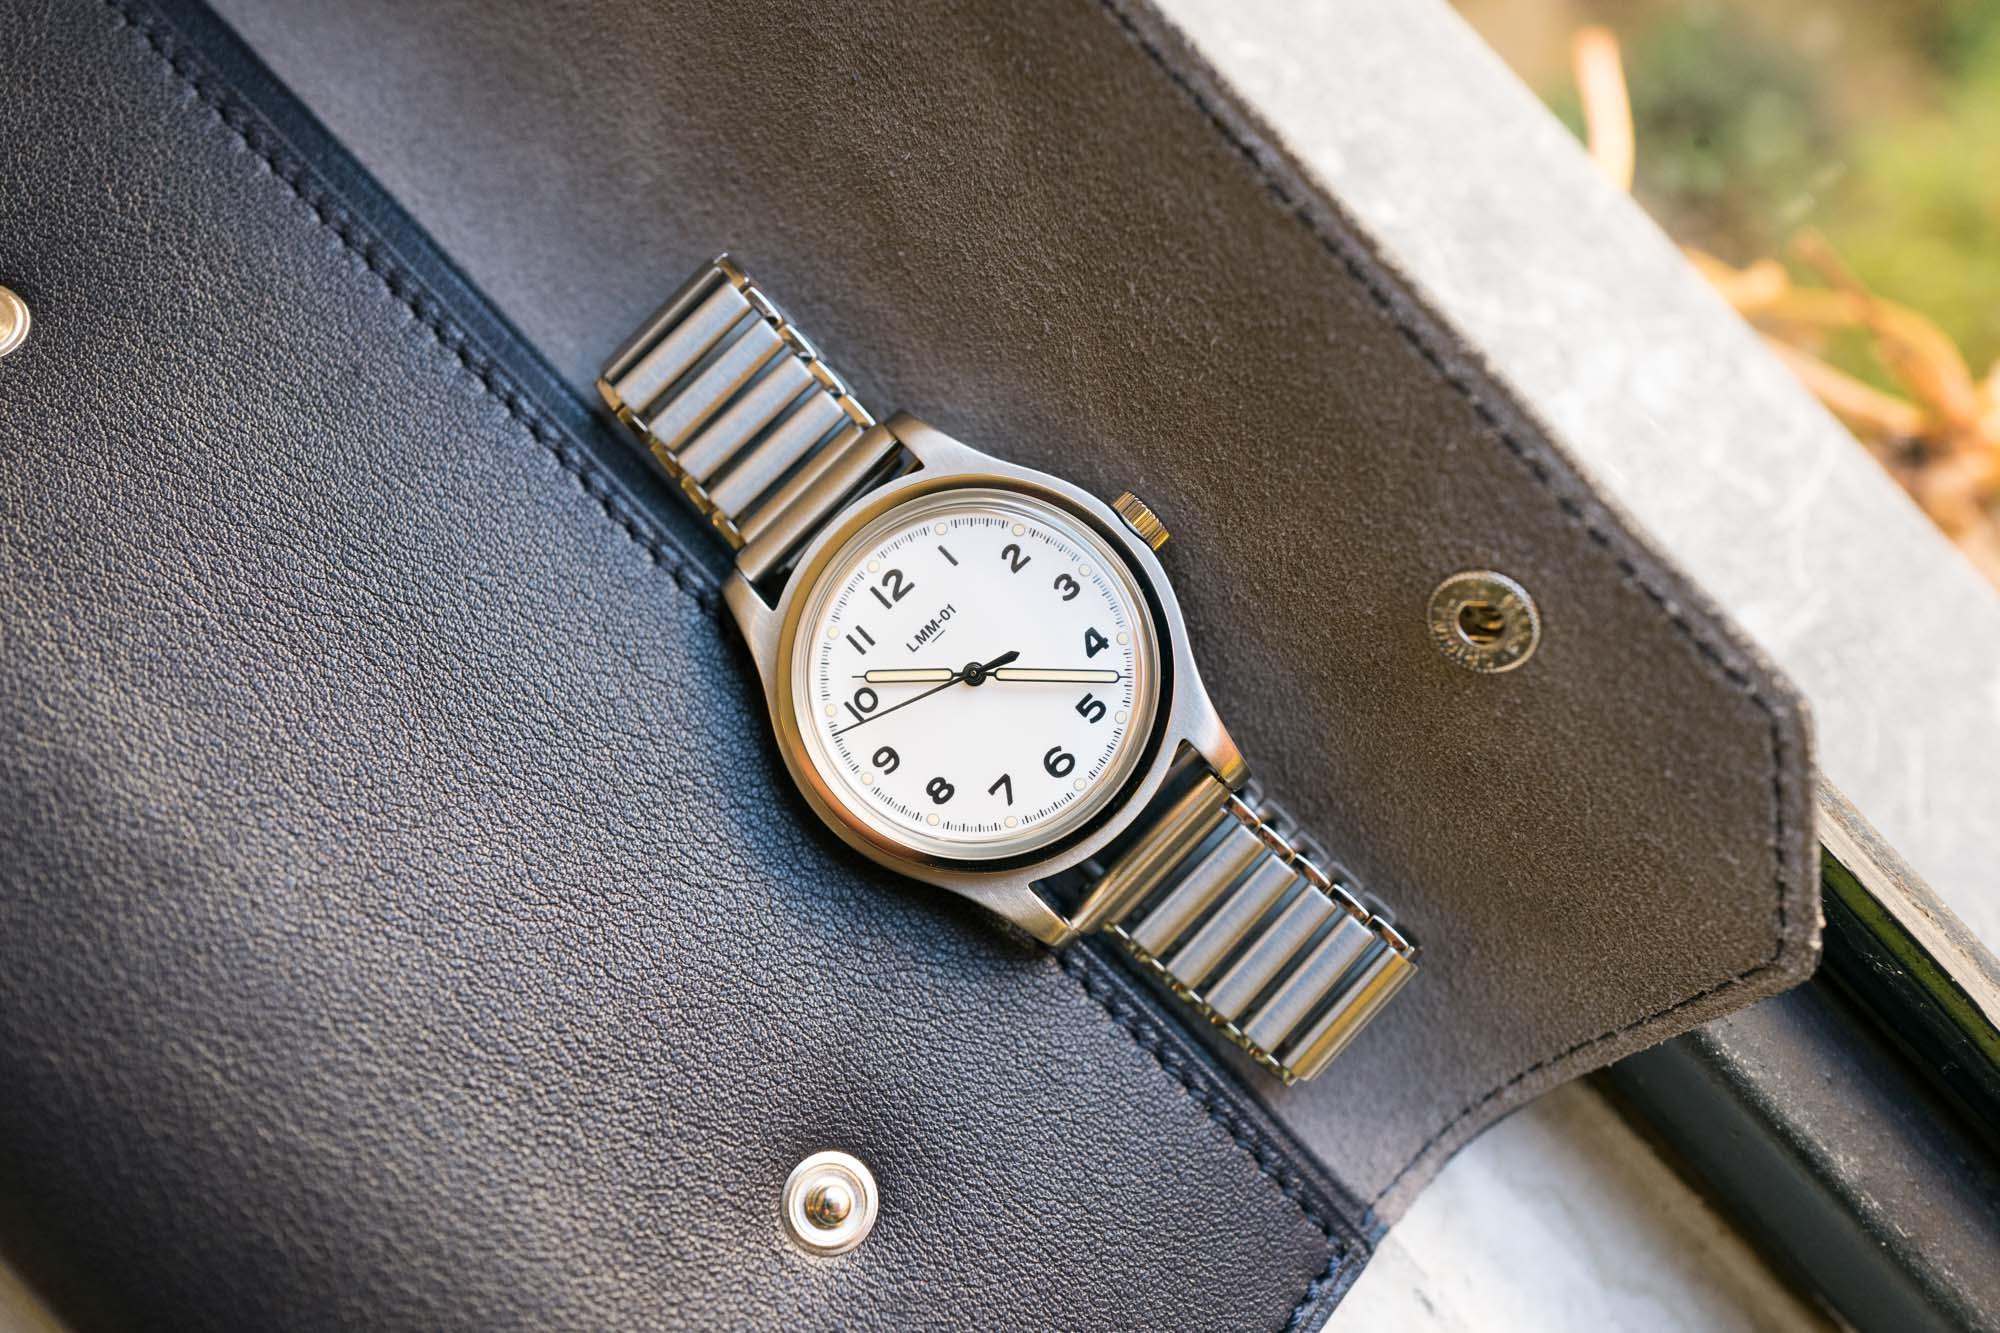 La Montre Merci LMM-01 - Field Watch Blanche